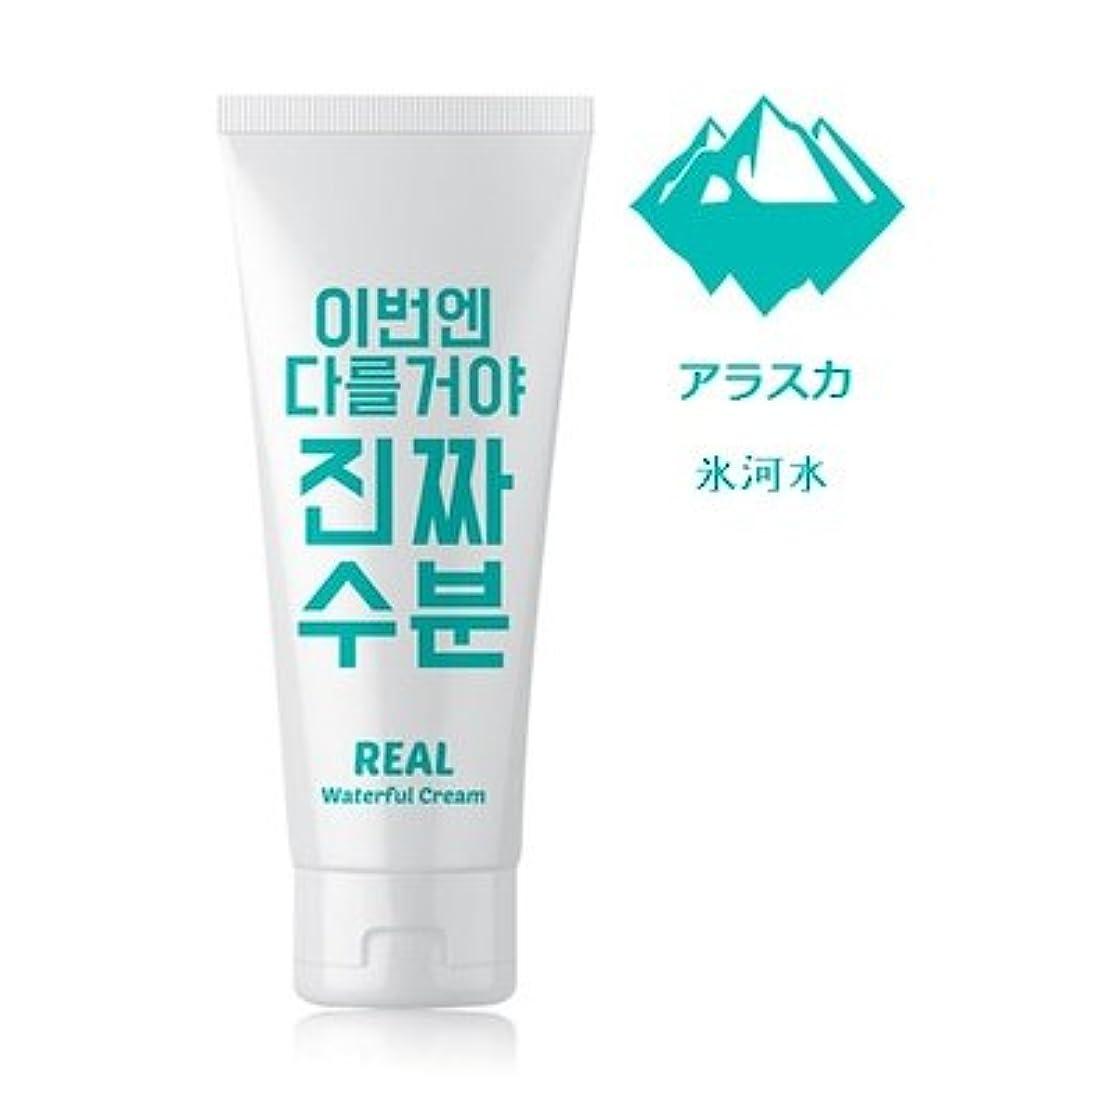 発音する物足りないに向かってJaminkyung Real Waterful Cream/孜民耕 [ジャミンギョン] 今度は違うぞ本当の水分クリーム 200ml [並行輸入品]